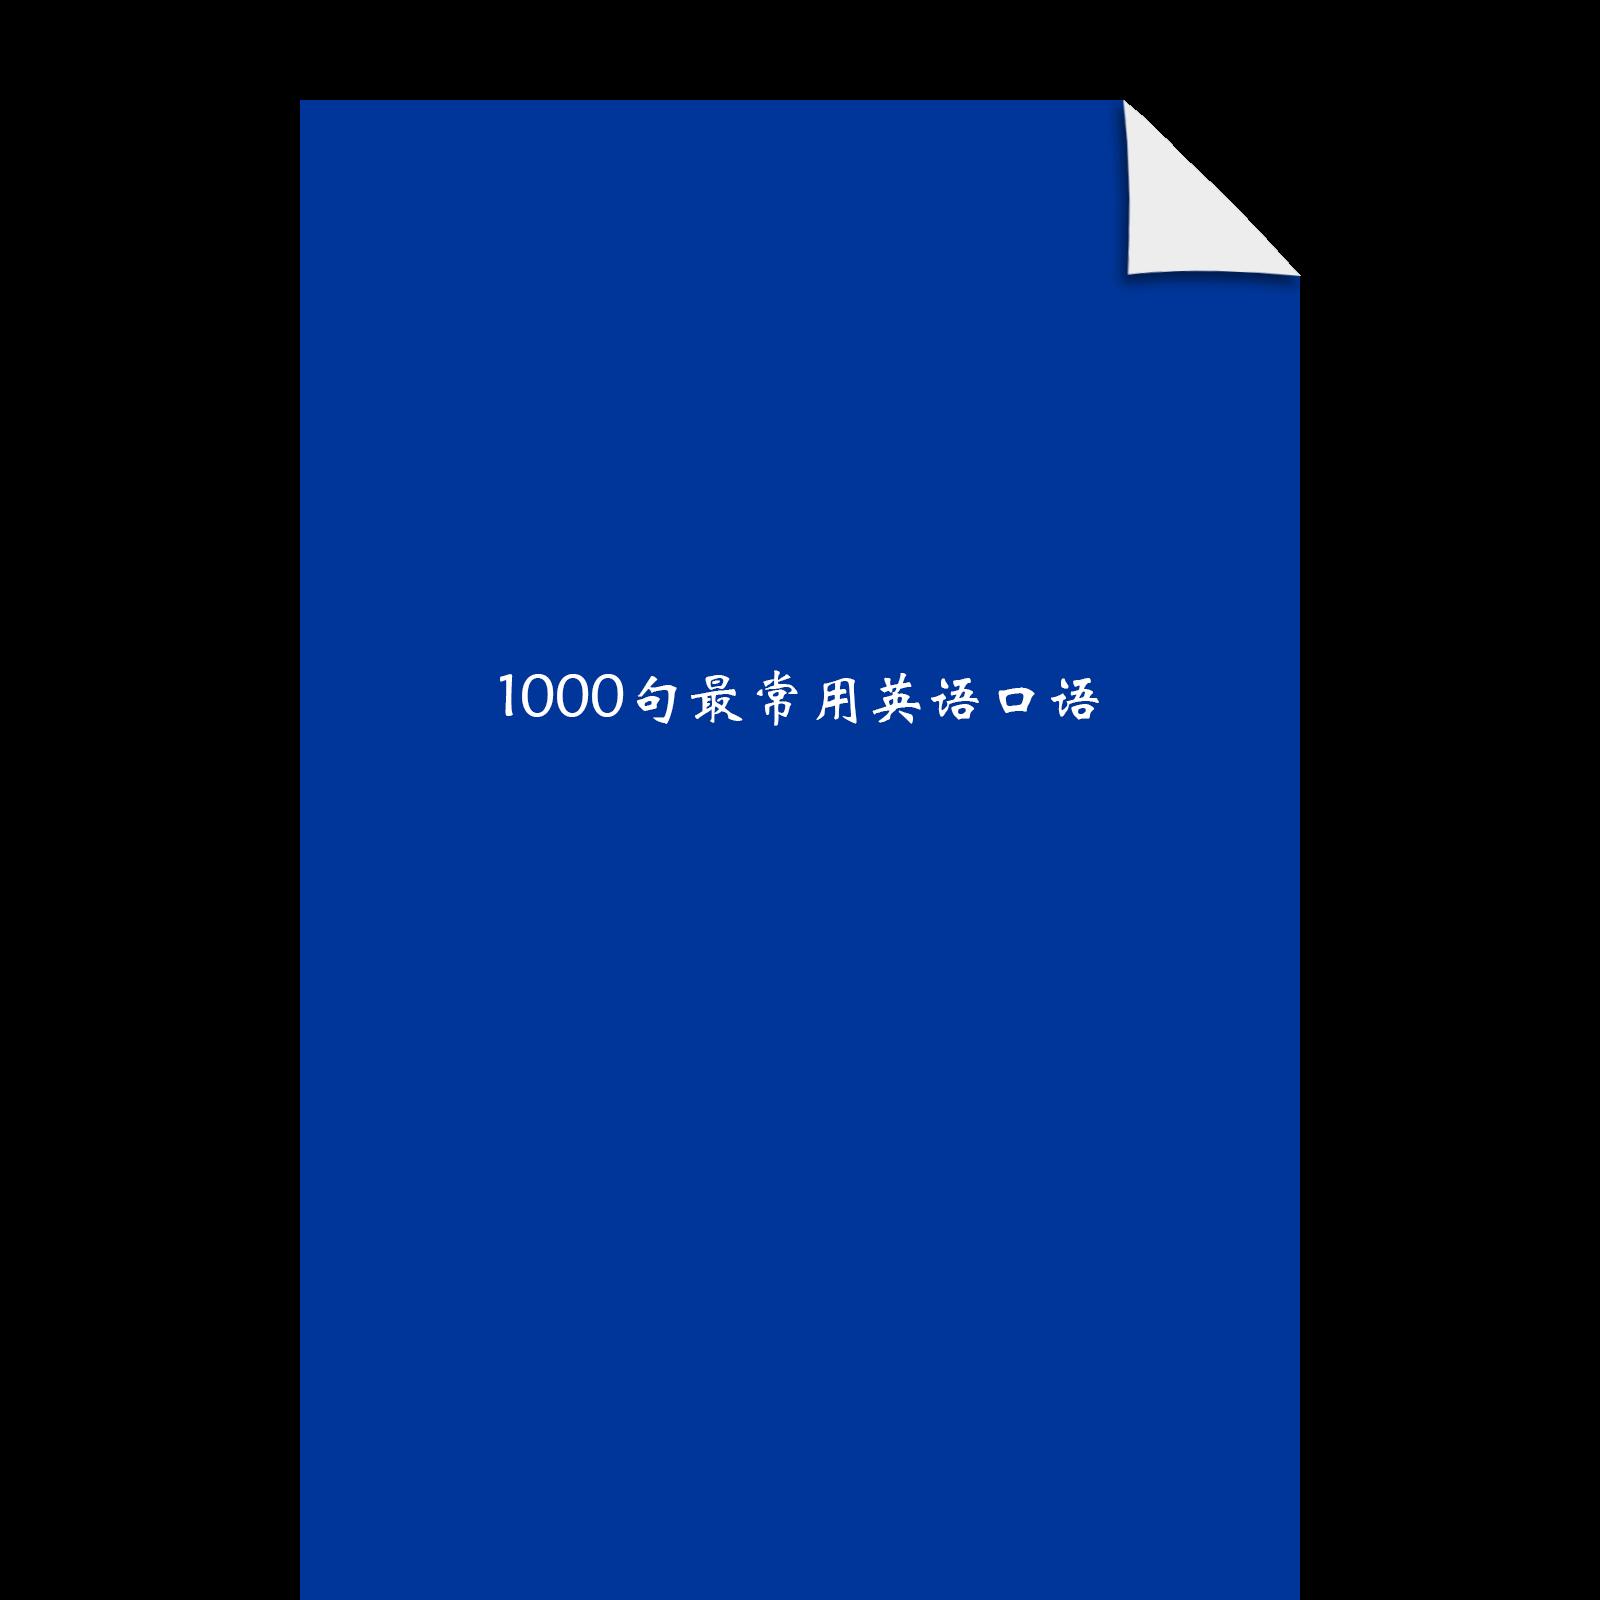 1000Ju Changyong Yingyu Kouyu